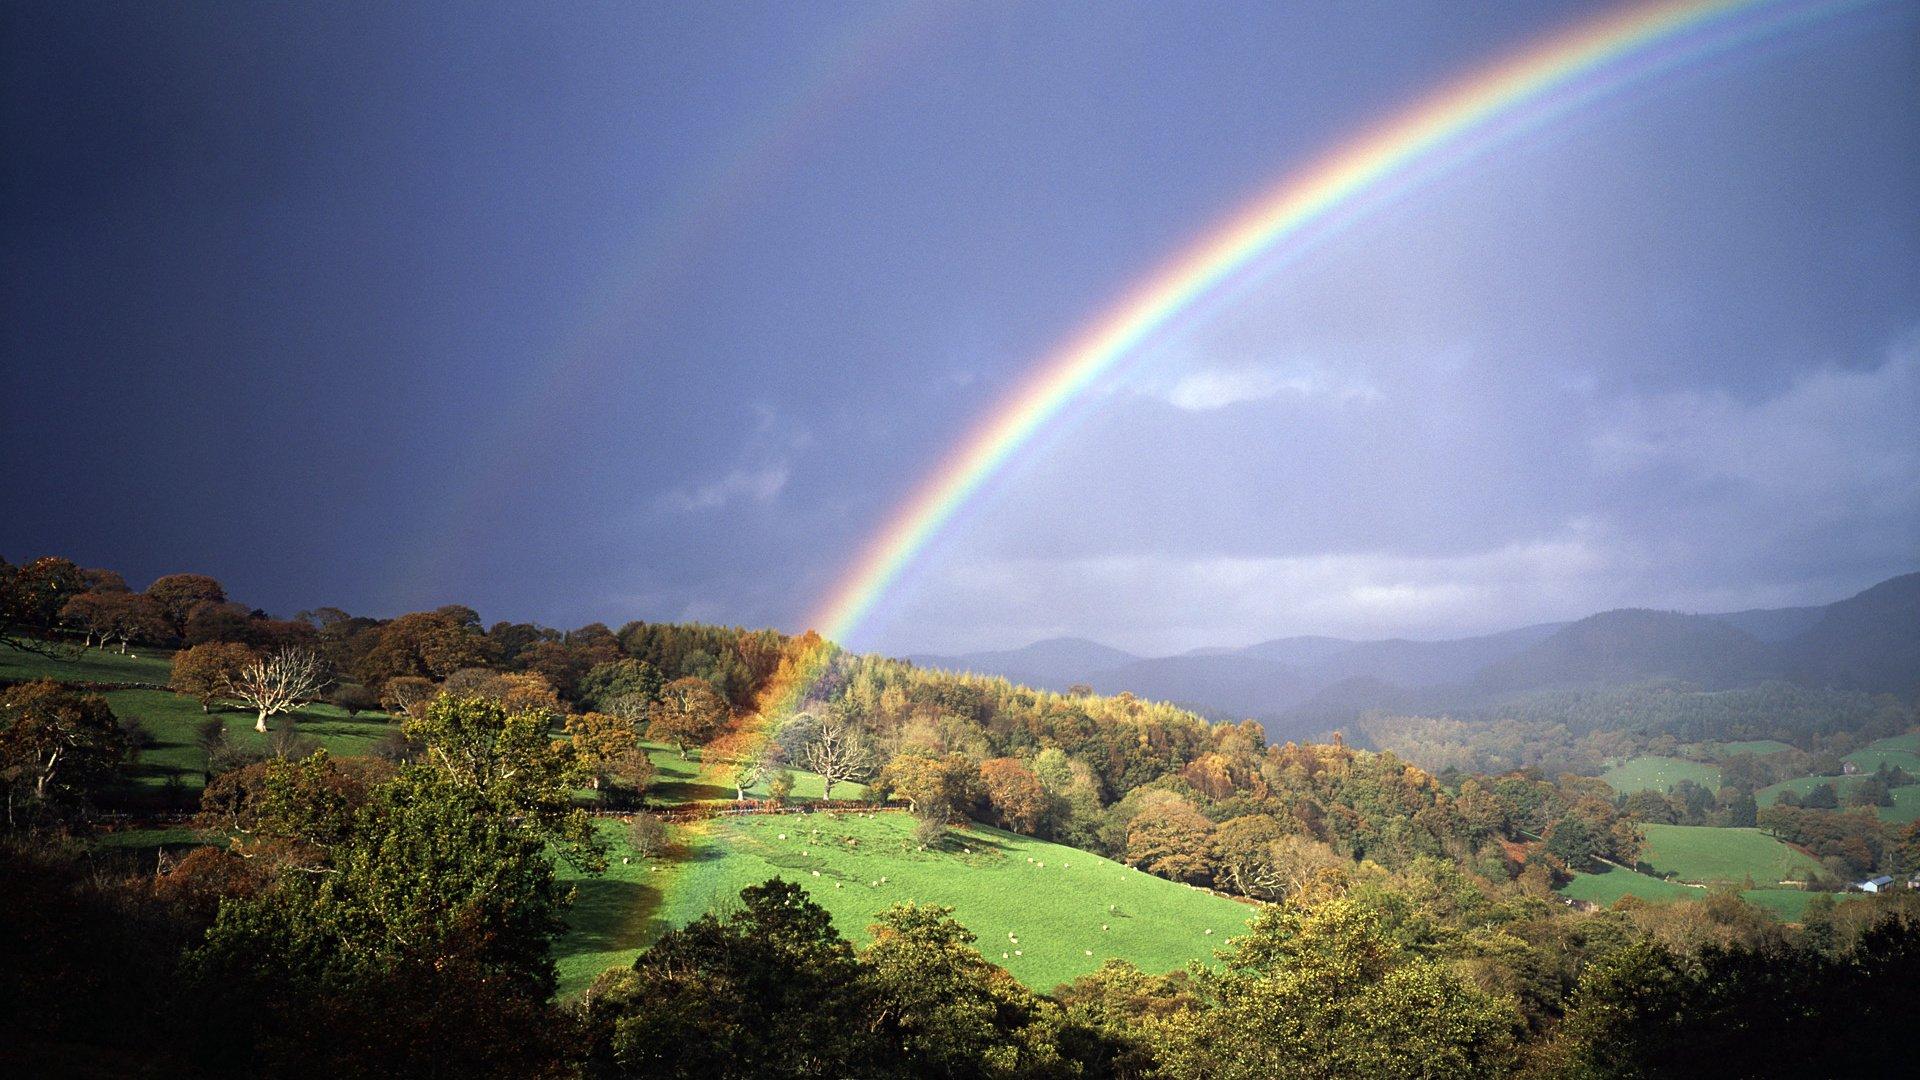 Открытки с радугой и природой, картинки анимашки фото